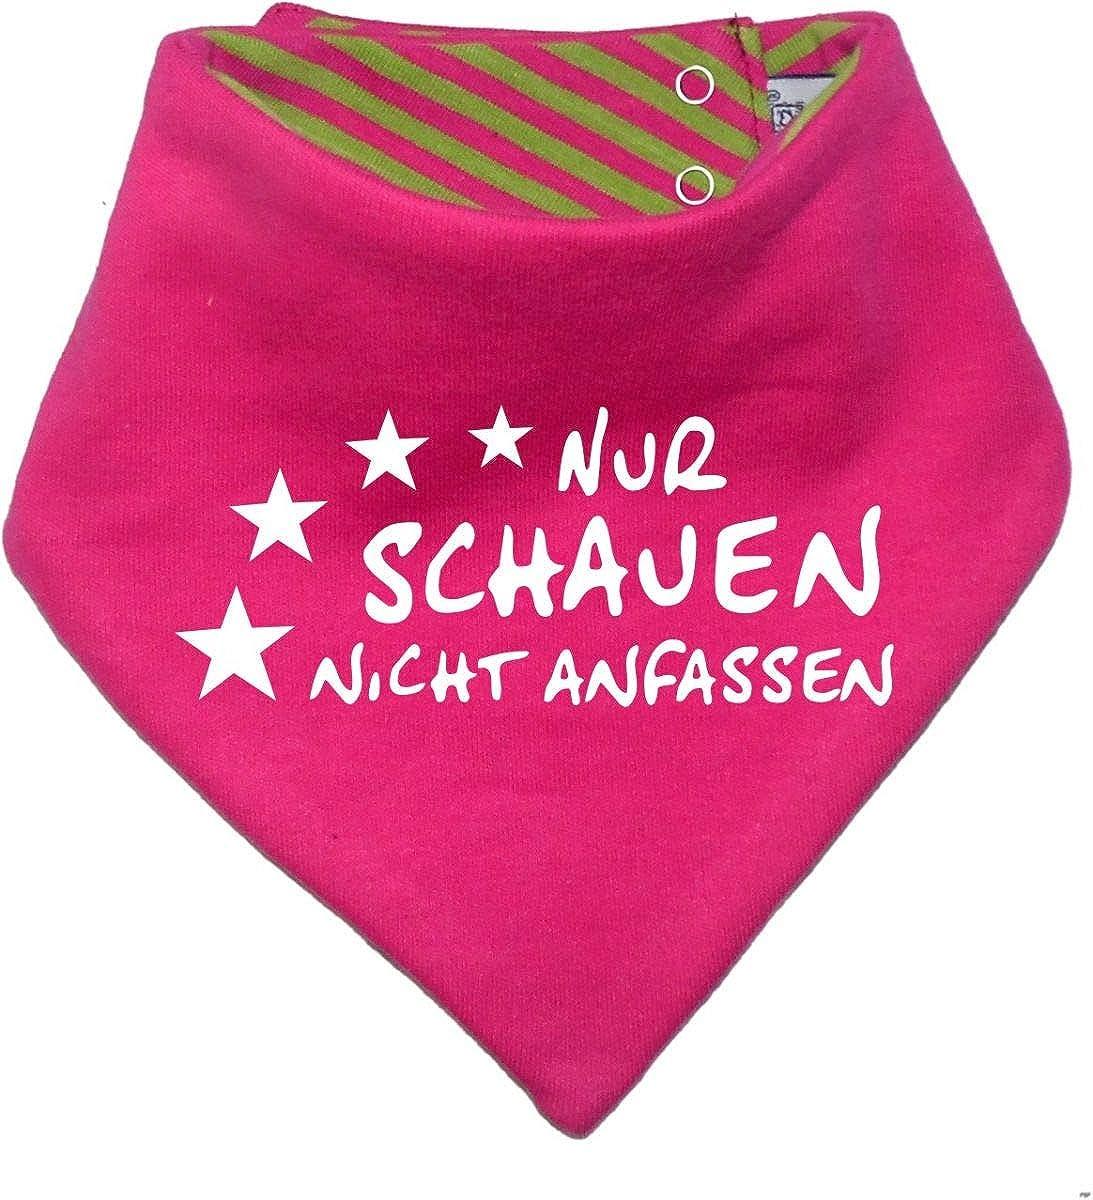 mitwachsendes Baby - und Kinder Wende - Halstuch Nur schauen nicht anfassen/in 7 Designs/Größen 0-36 Monate